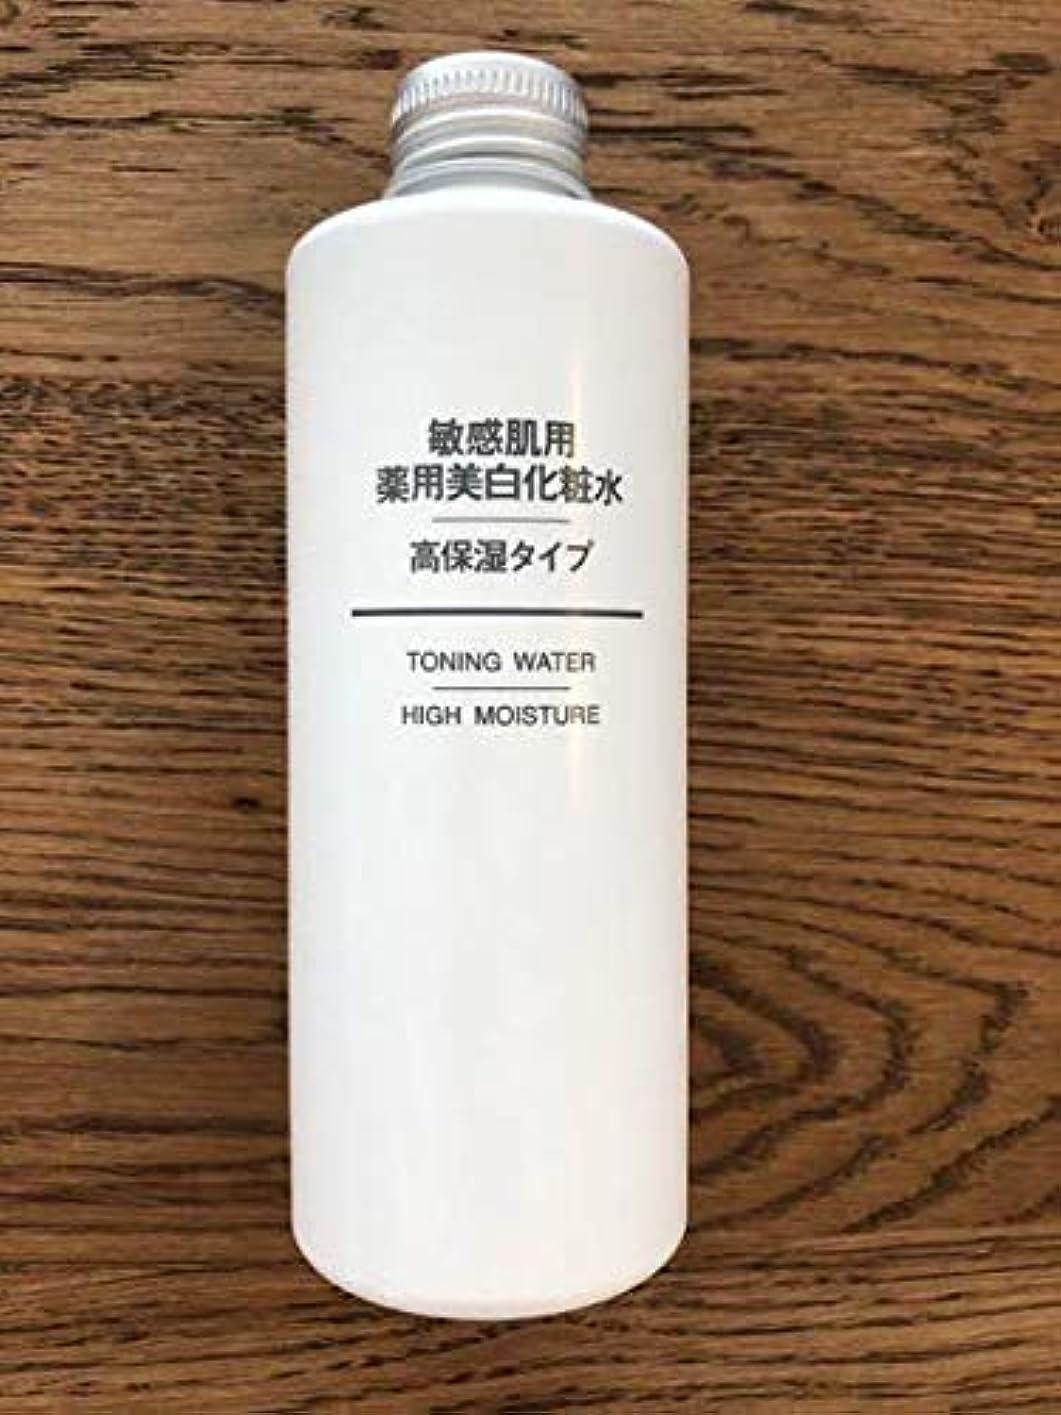 刺激するうまくいけばインゲン無印良品 敏感肌用 薬用美白化粧水 高保湿タイプ (新)200ml